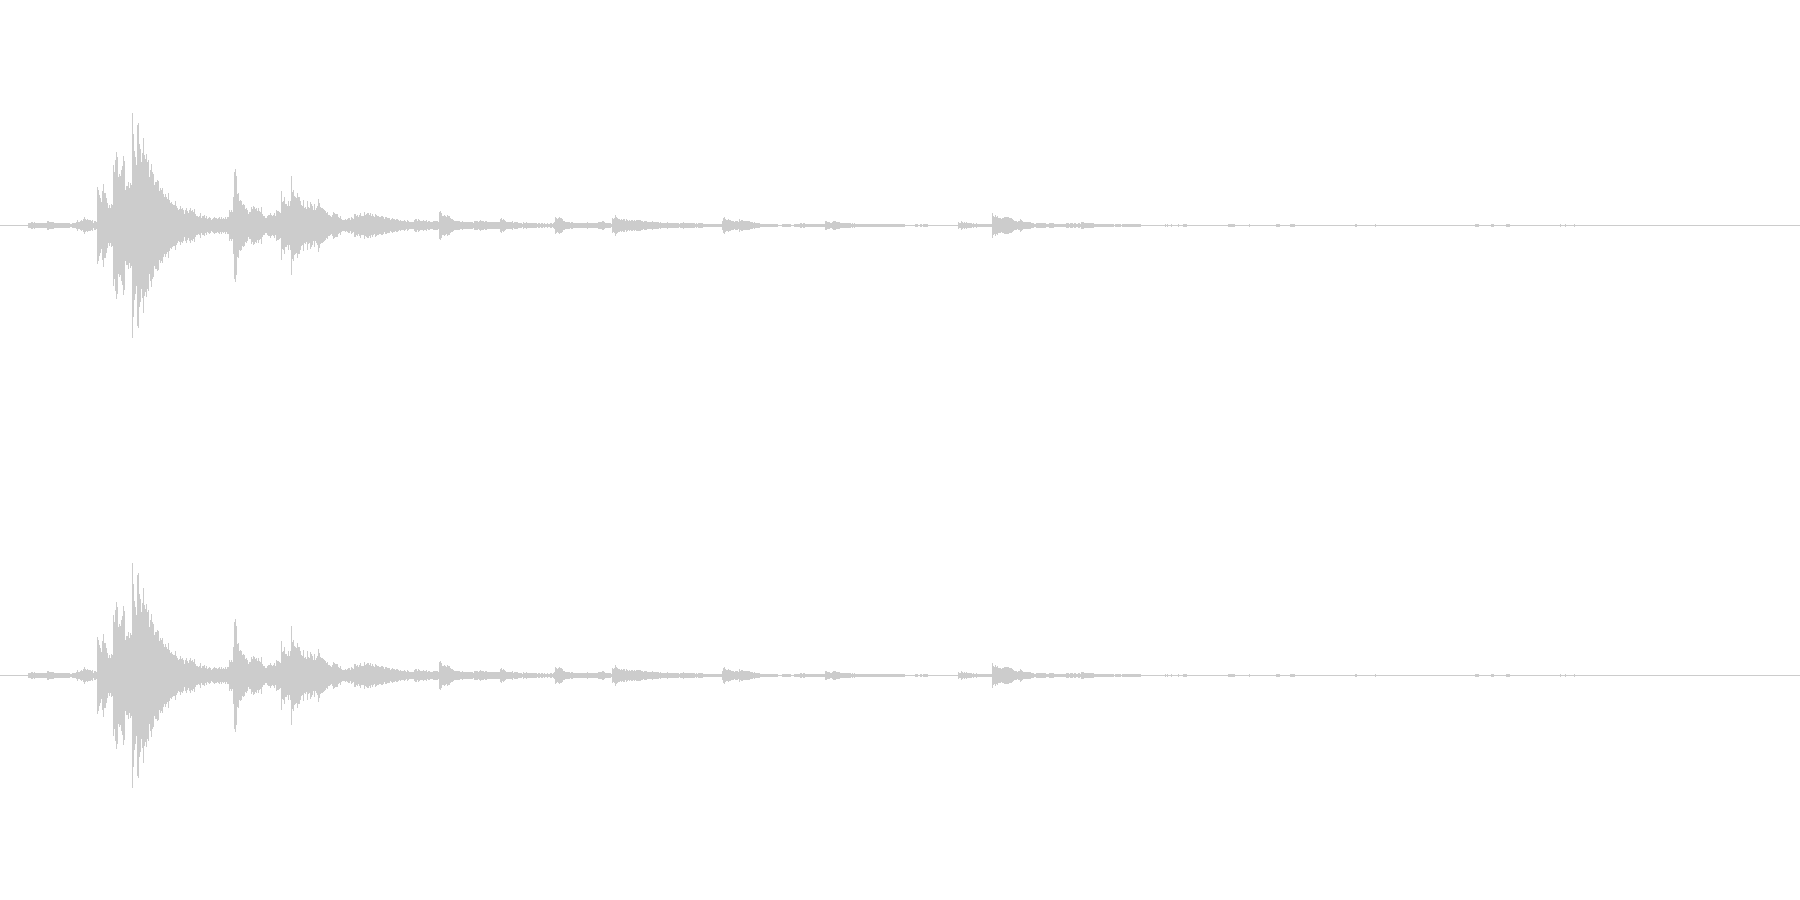 メタル ウィンドベルリンギング02の未再生の波形